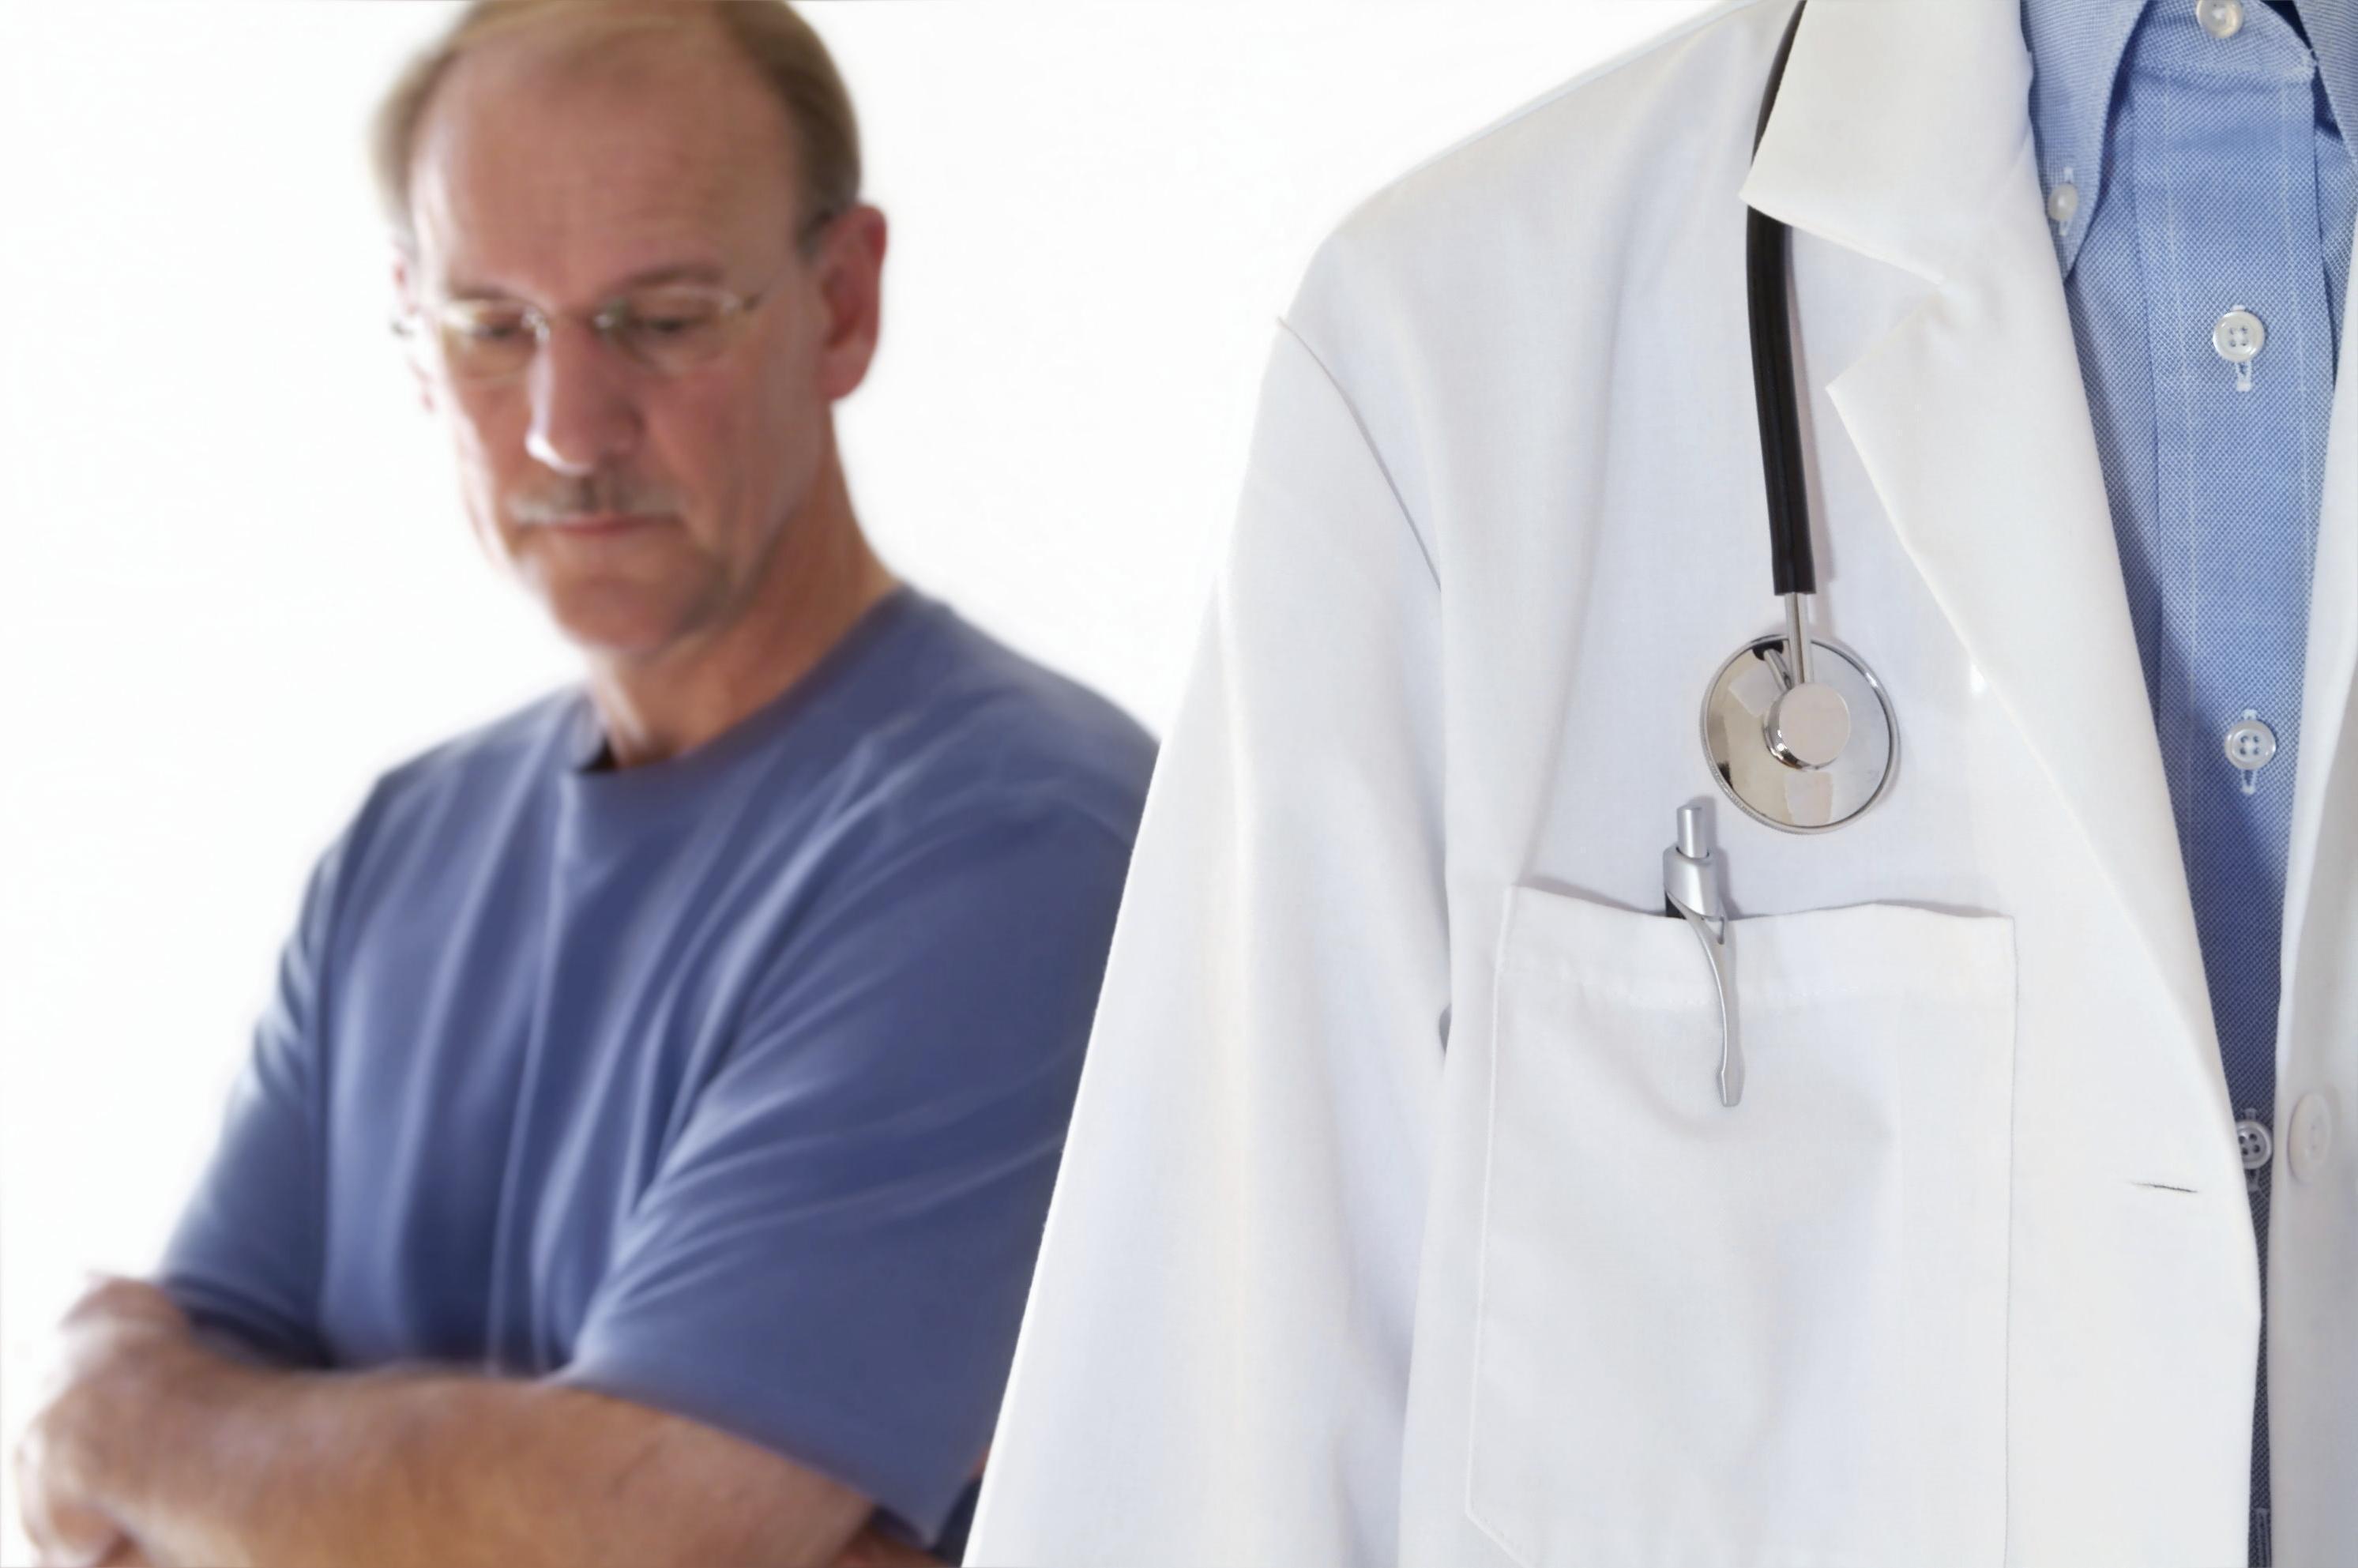 Câncer de Próstata – Sintomas e o Que Saber Sobre o Câncer dee Próstata